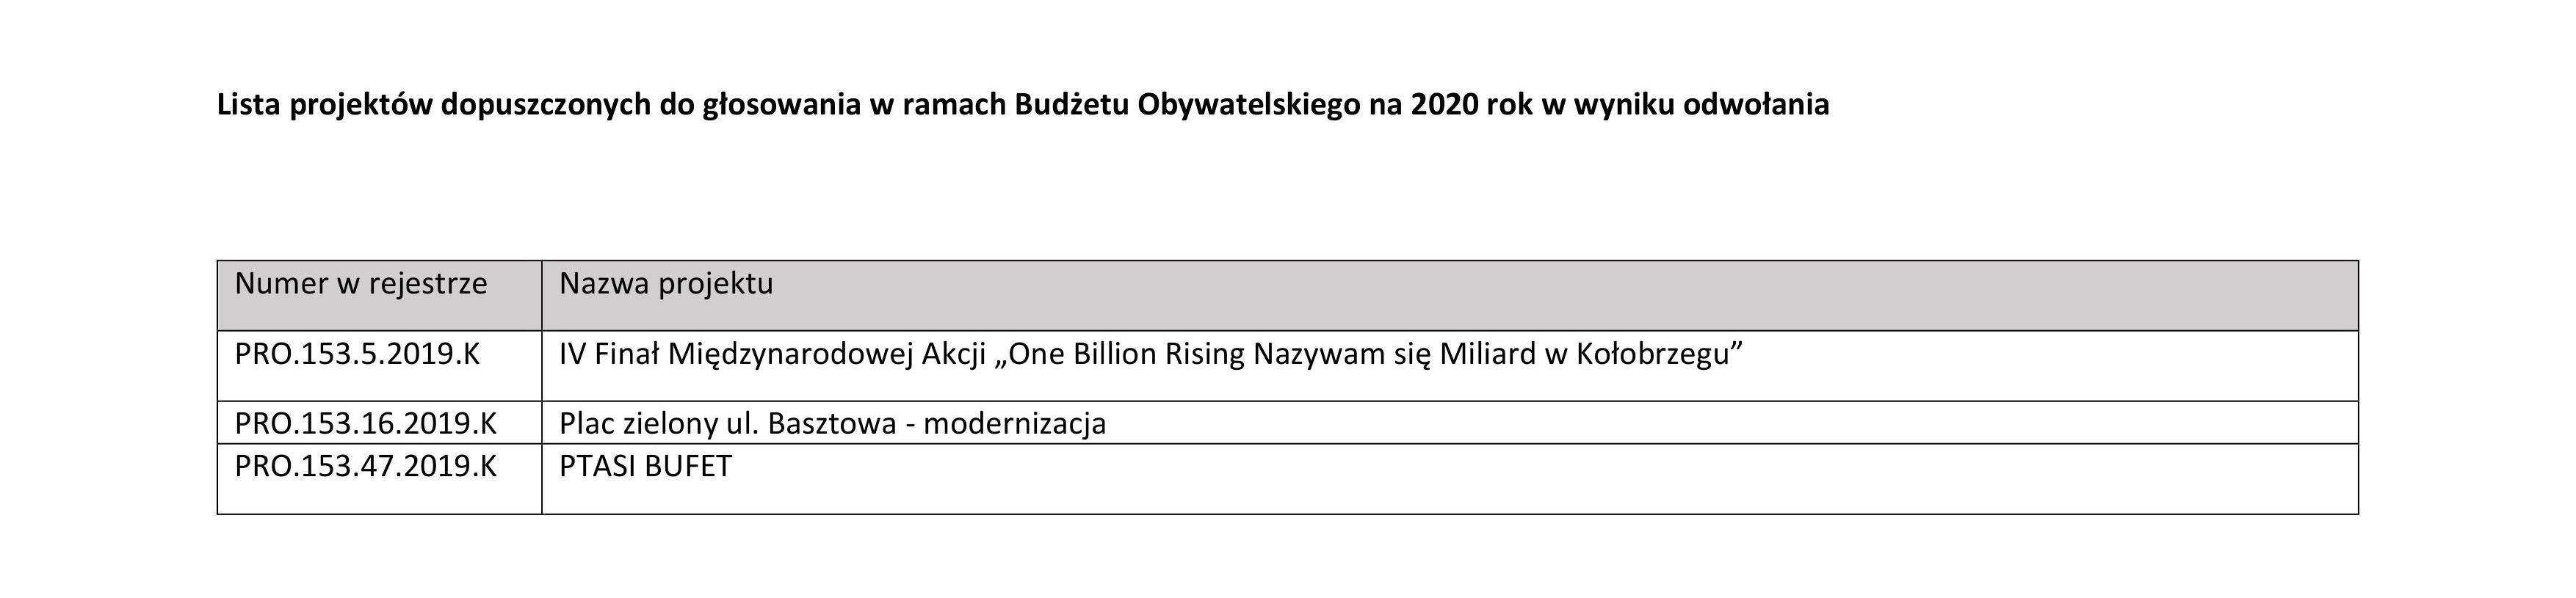 on po odow e1571390269625 - 37 projektów w budżecie obywatelskim. Wkrótce głosowanie. Na co będzie można oddać głos?